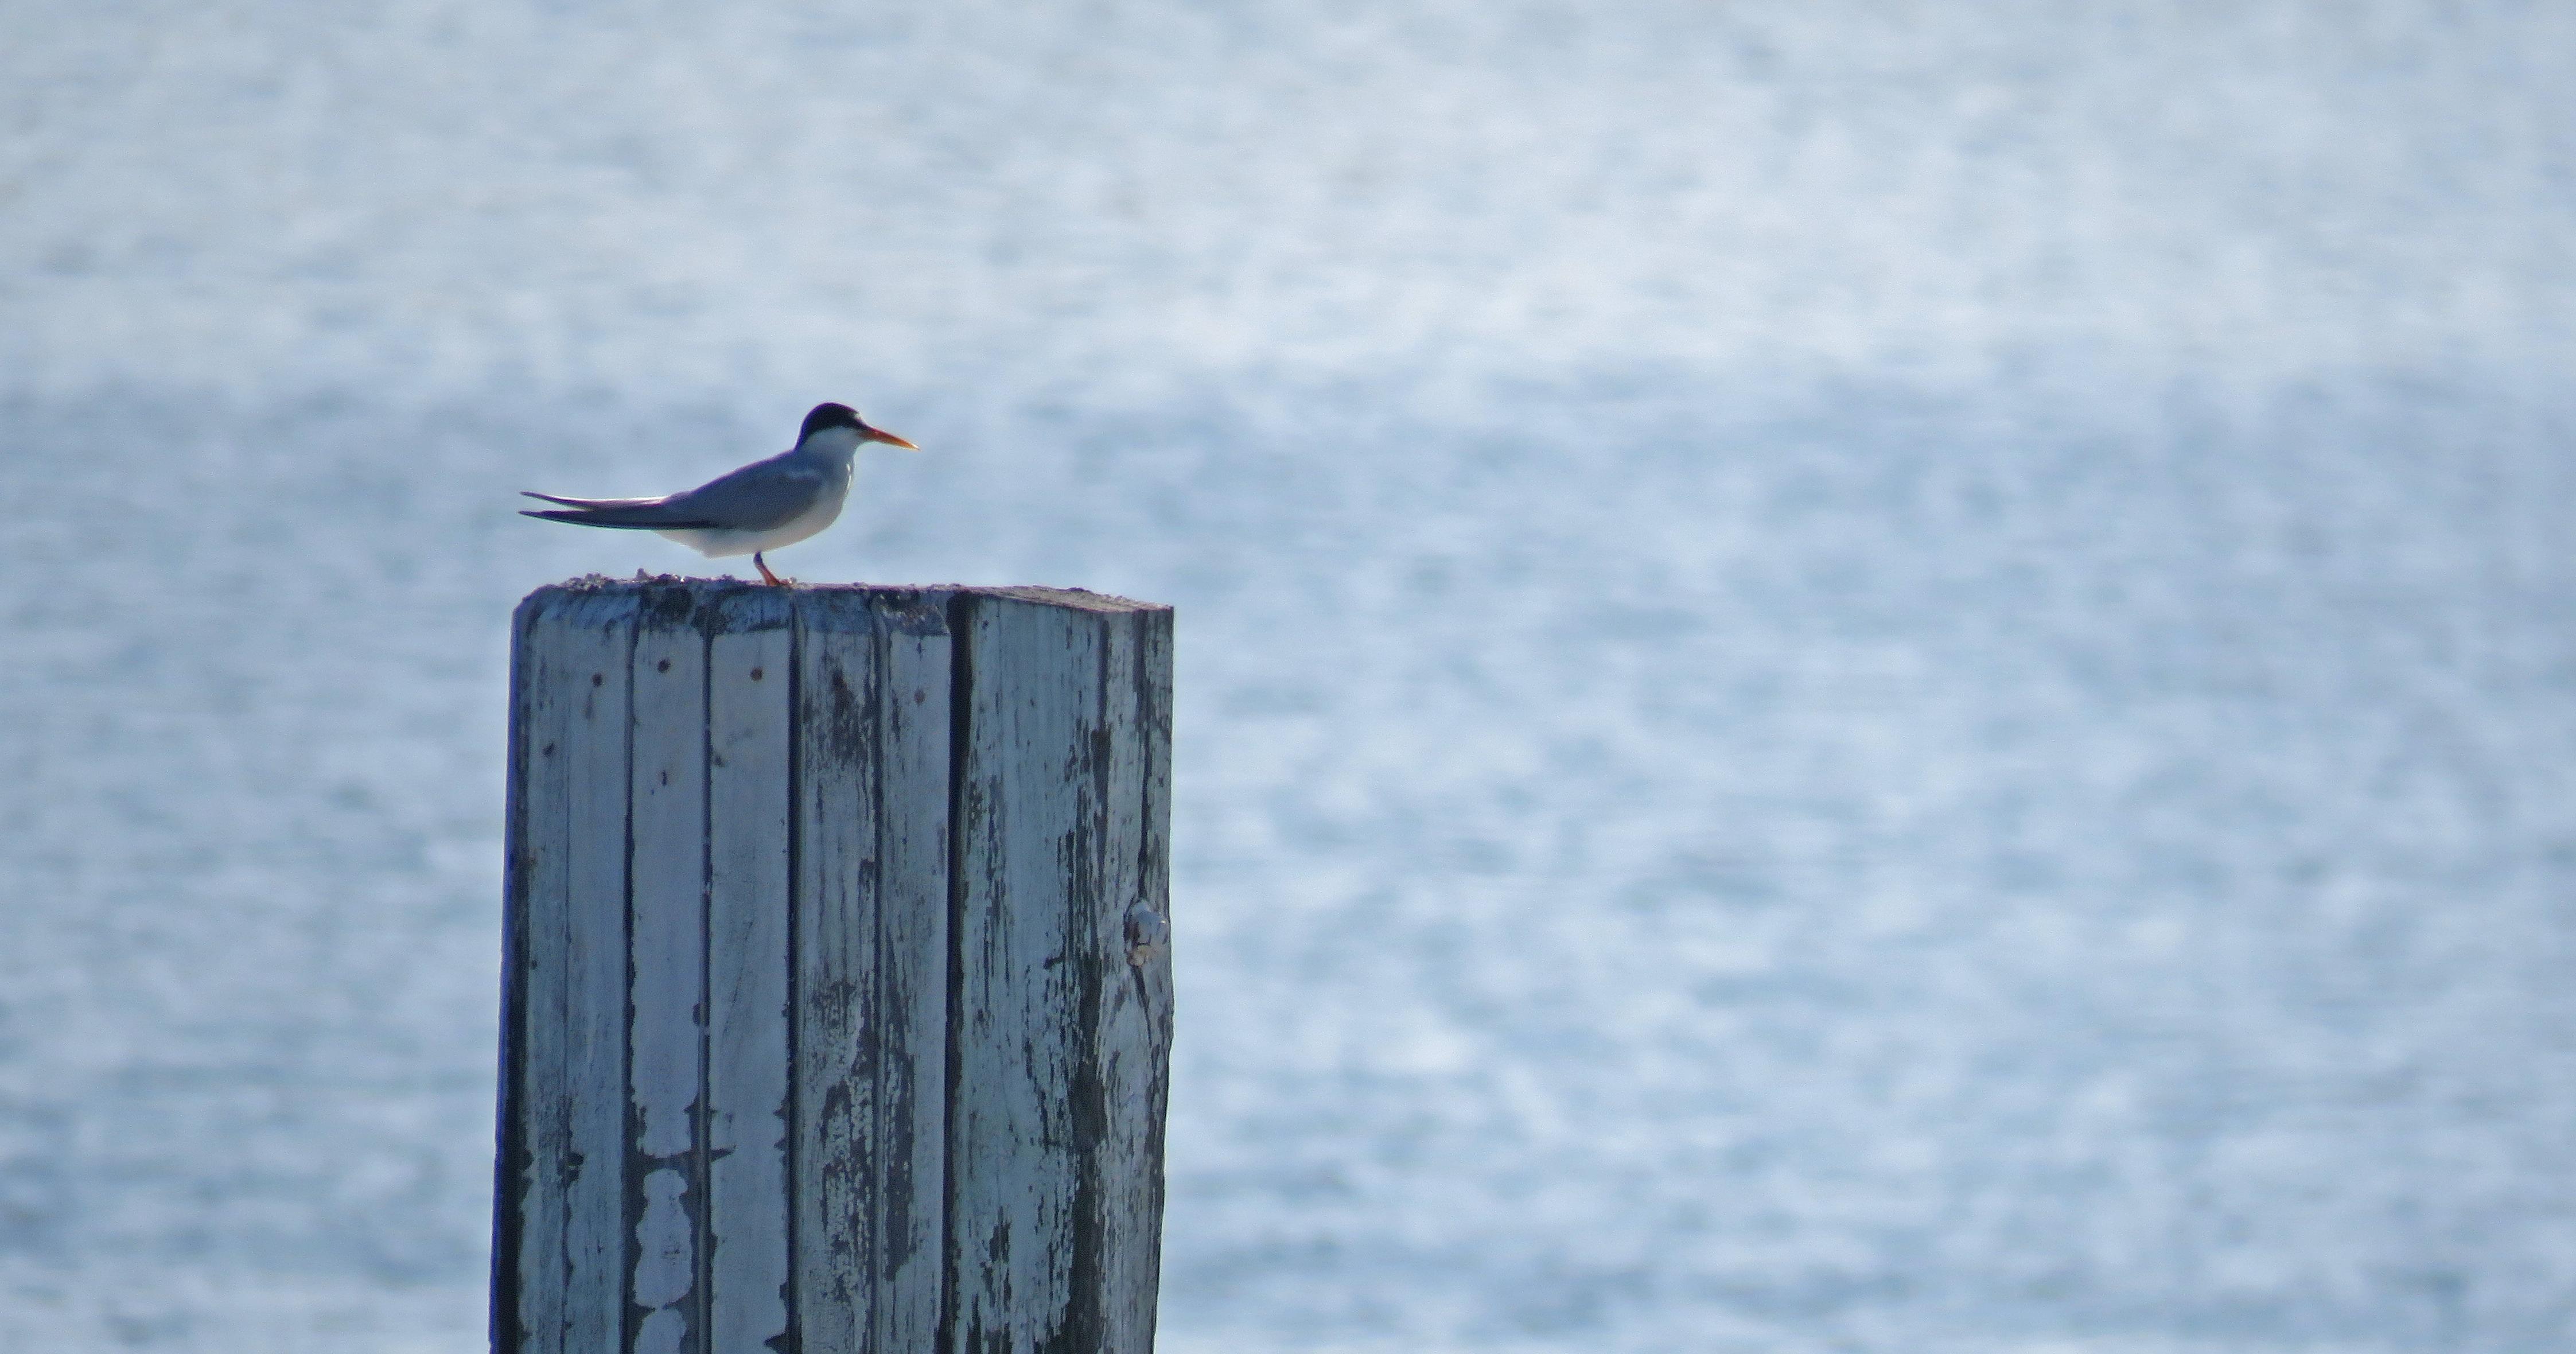 Least Tern on St. Pete Beach. Photo: Jeff Liechty